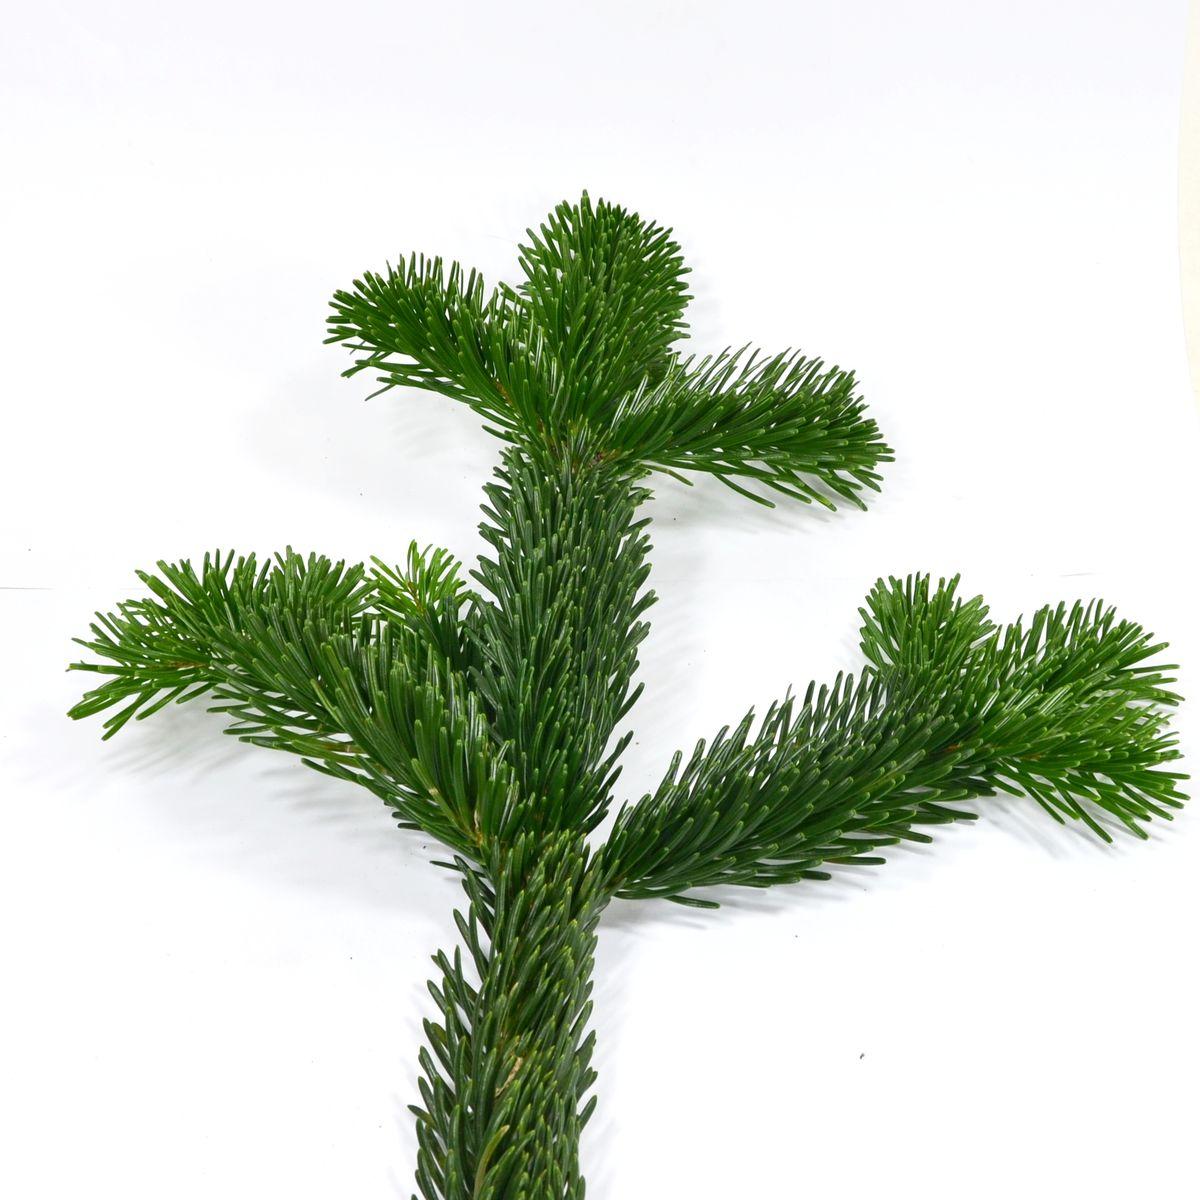 Nordmanntanne Weihnachtsbaum.Fichte Tanne Co Weihnachtsbäume Im Vergleich Baumpflegeportal